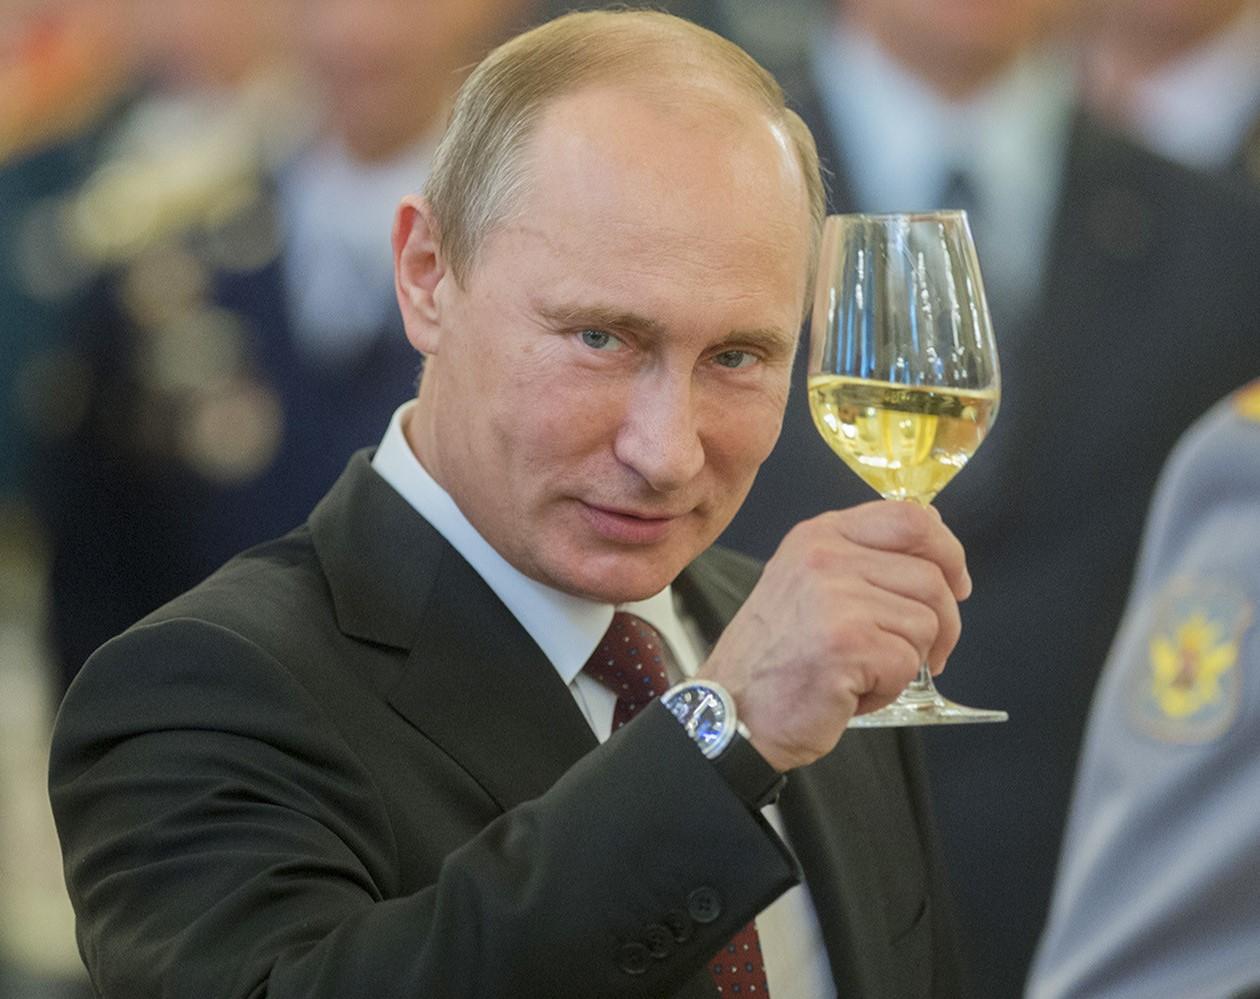 Песня про Путина выиграла Грэмми. Слушаем!